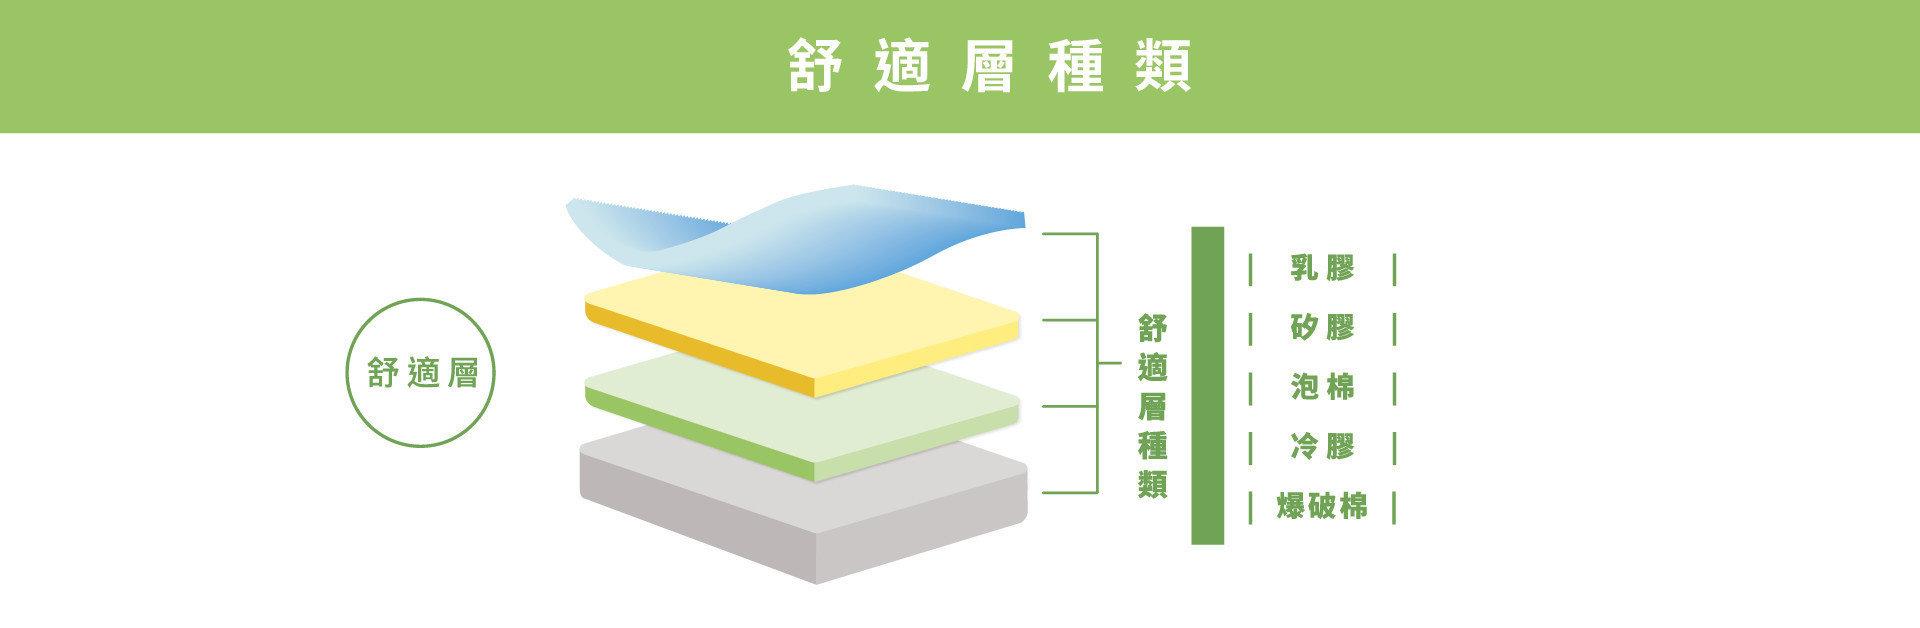 明久床墊的舒適層種類,可分為:乳膠、矽膠、泡棉、冷膠、爆破棉。